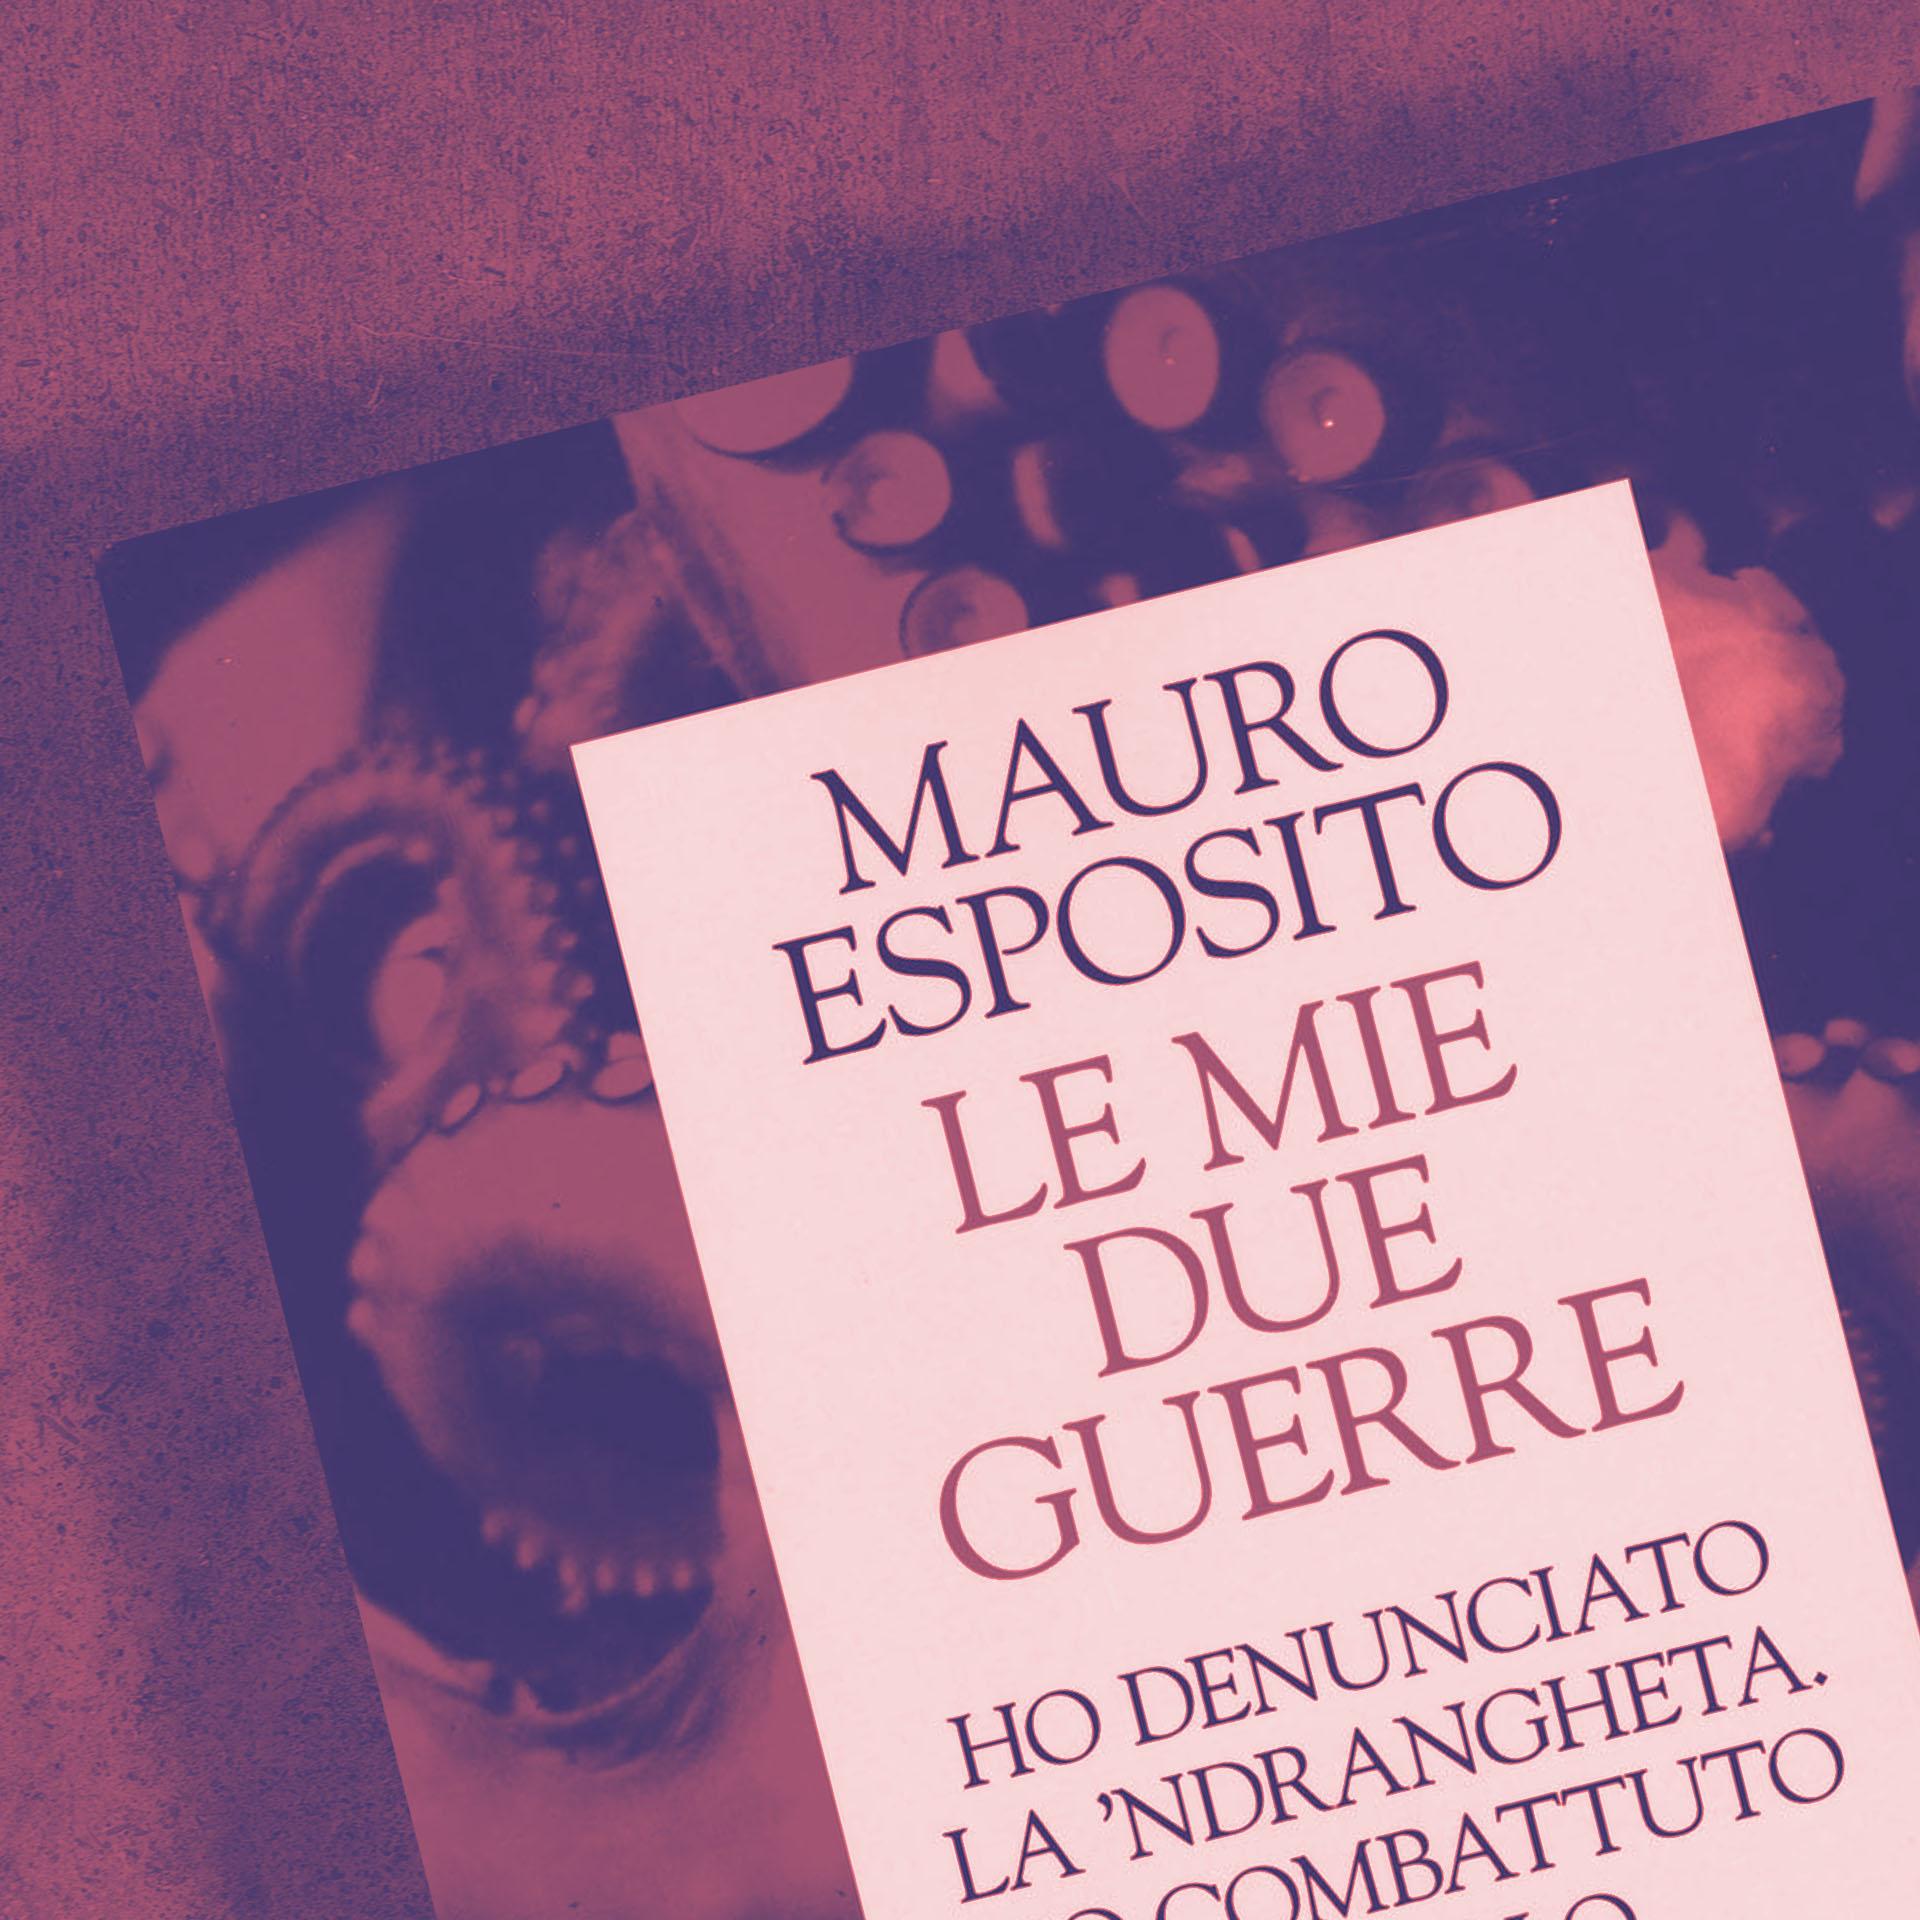 """Mauro Esposito presenta il libro """"Le mie due guerre"""""""